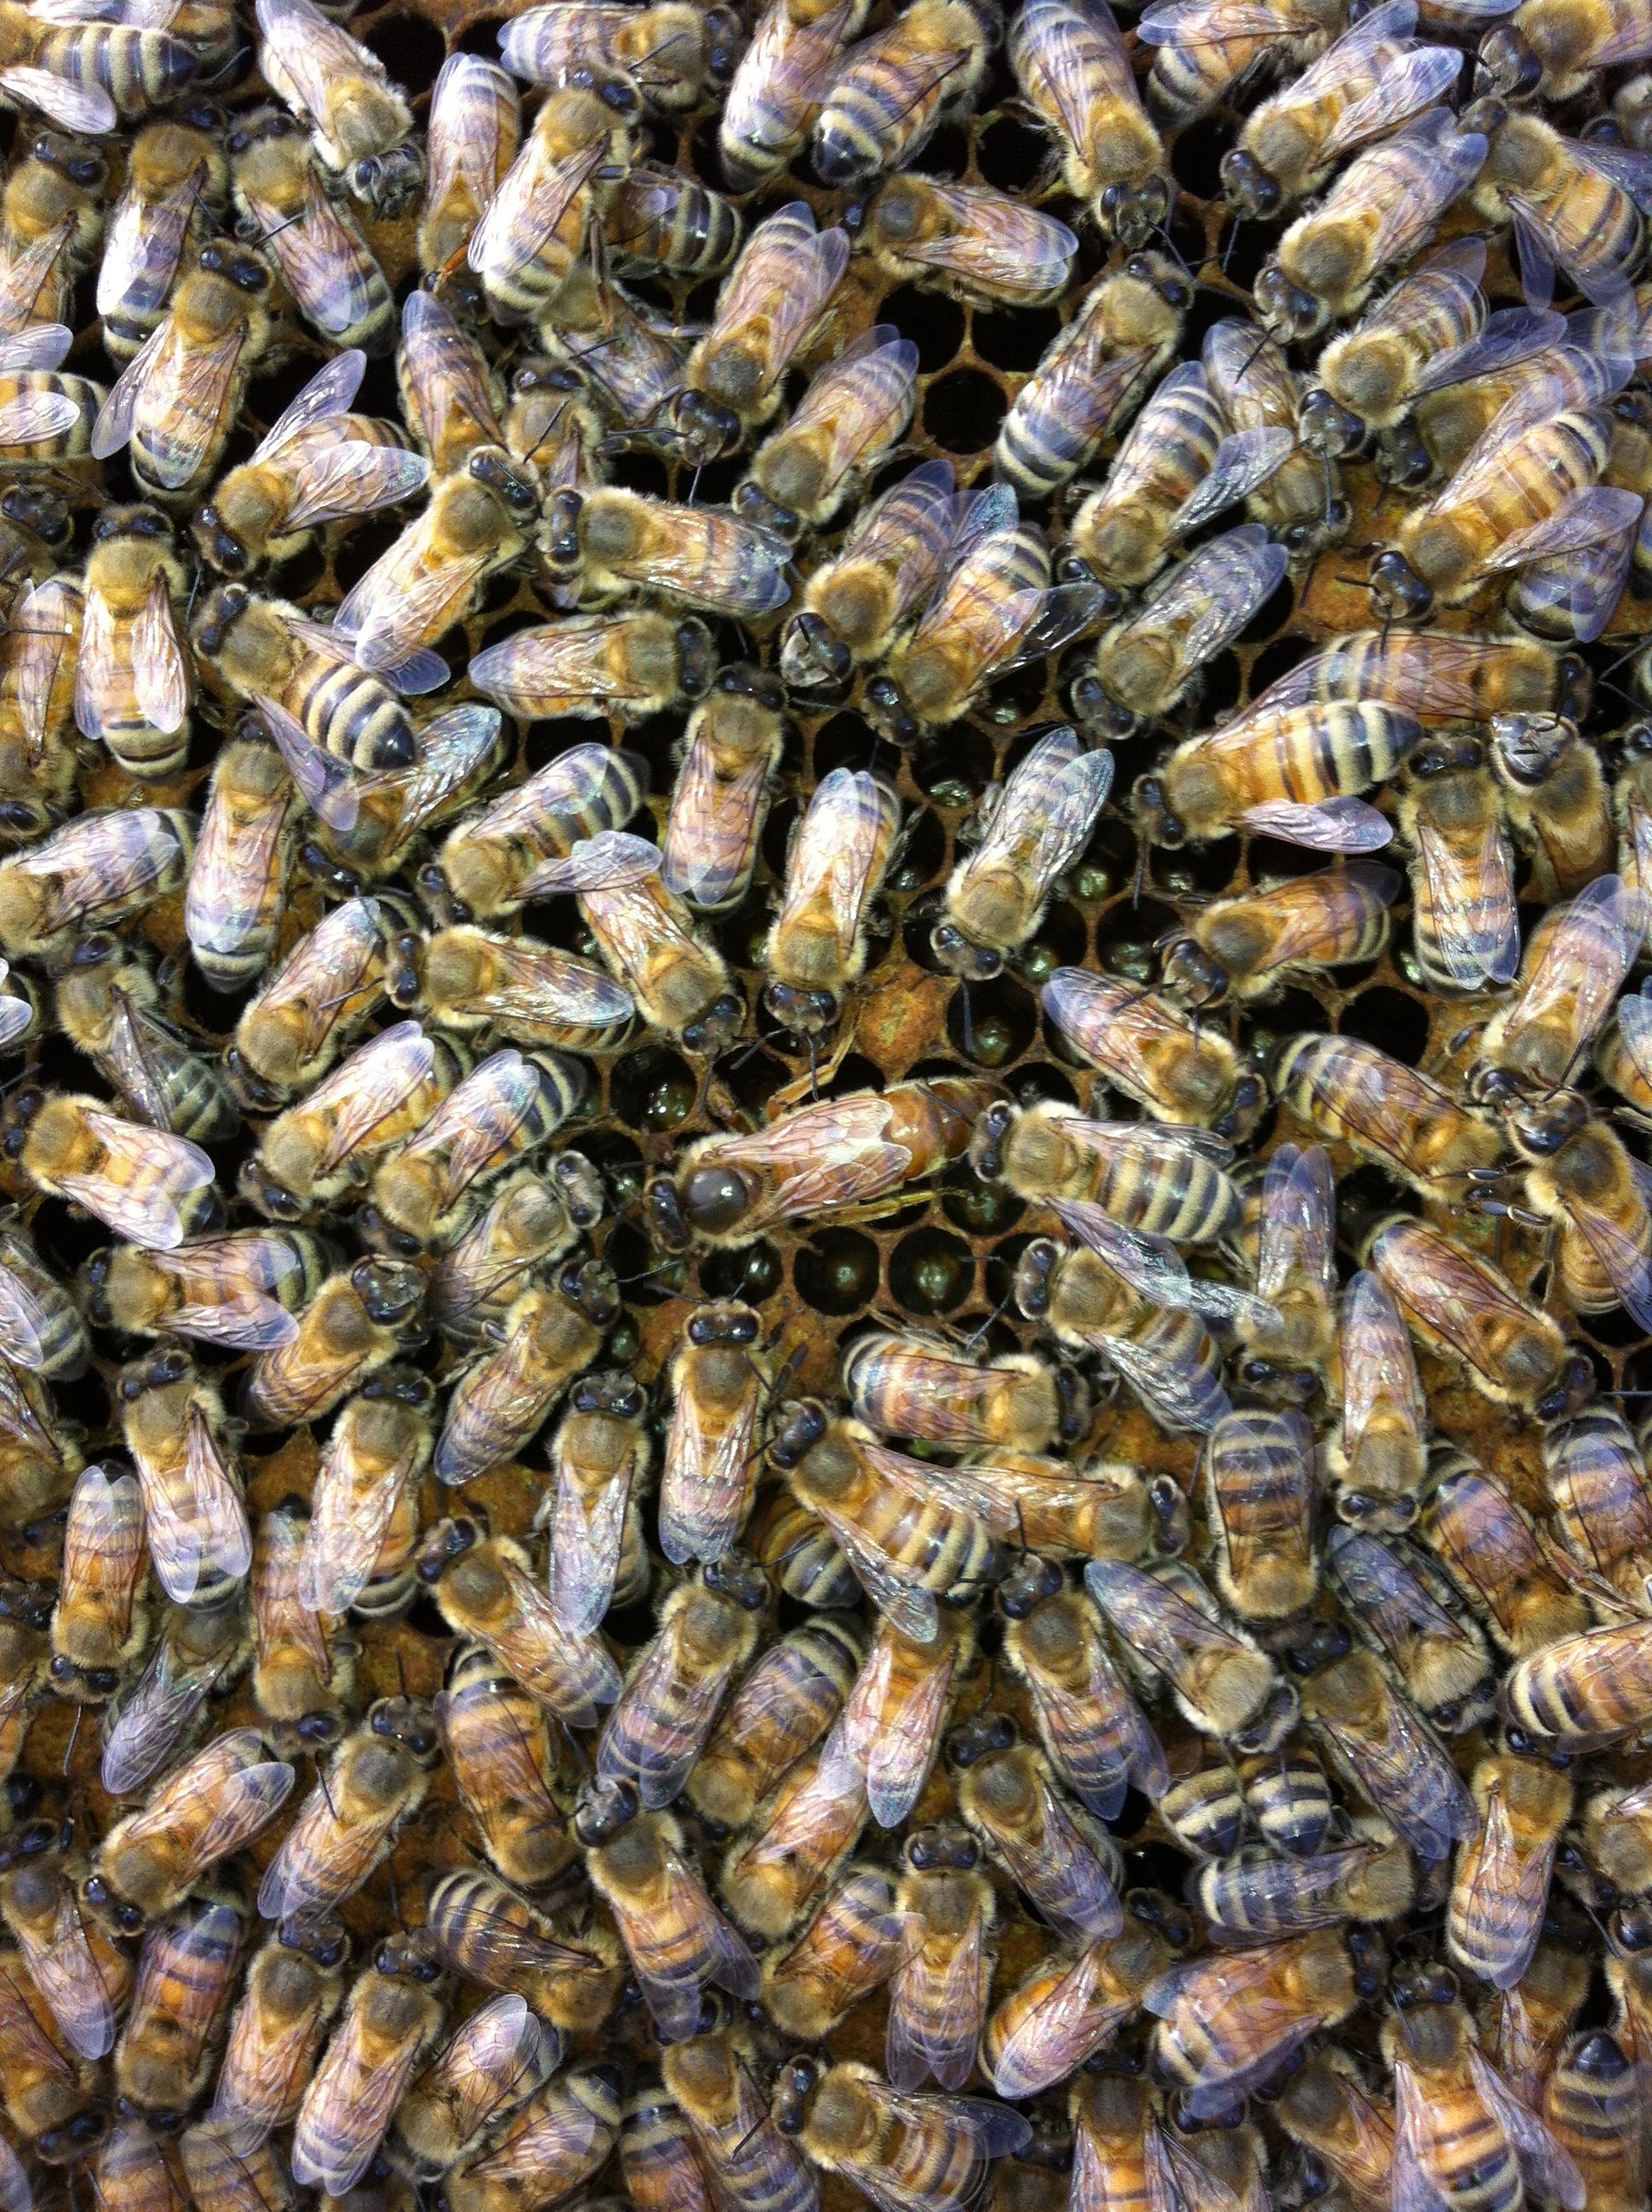 Bees + Queen